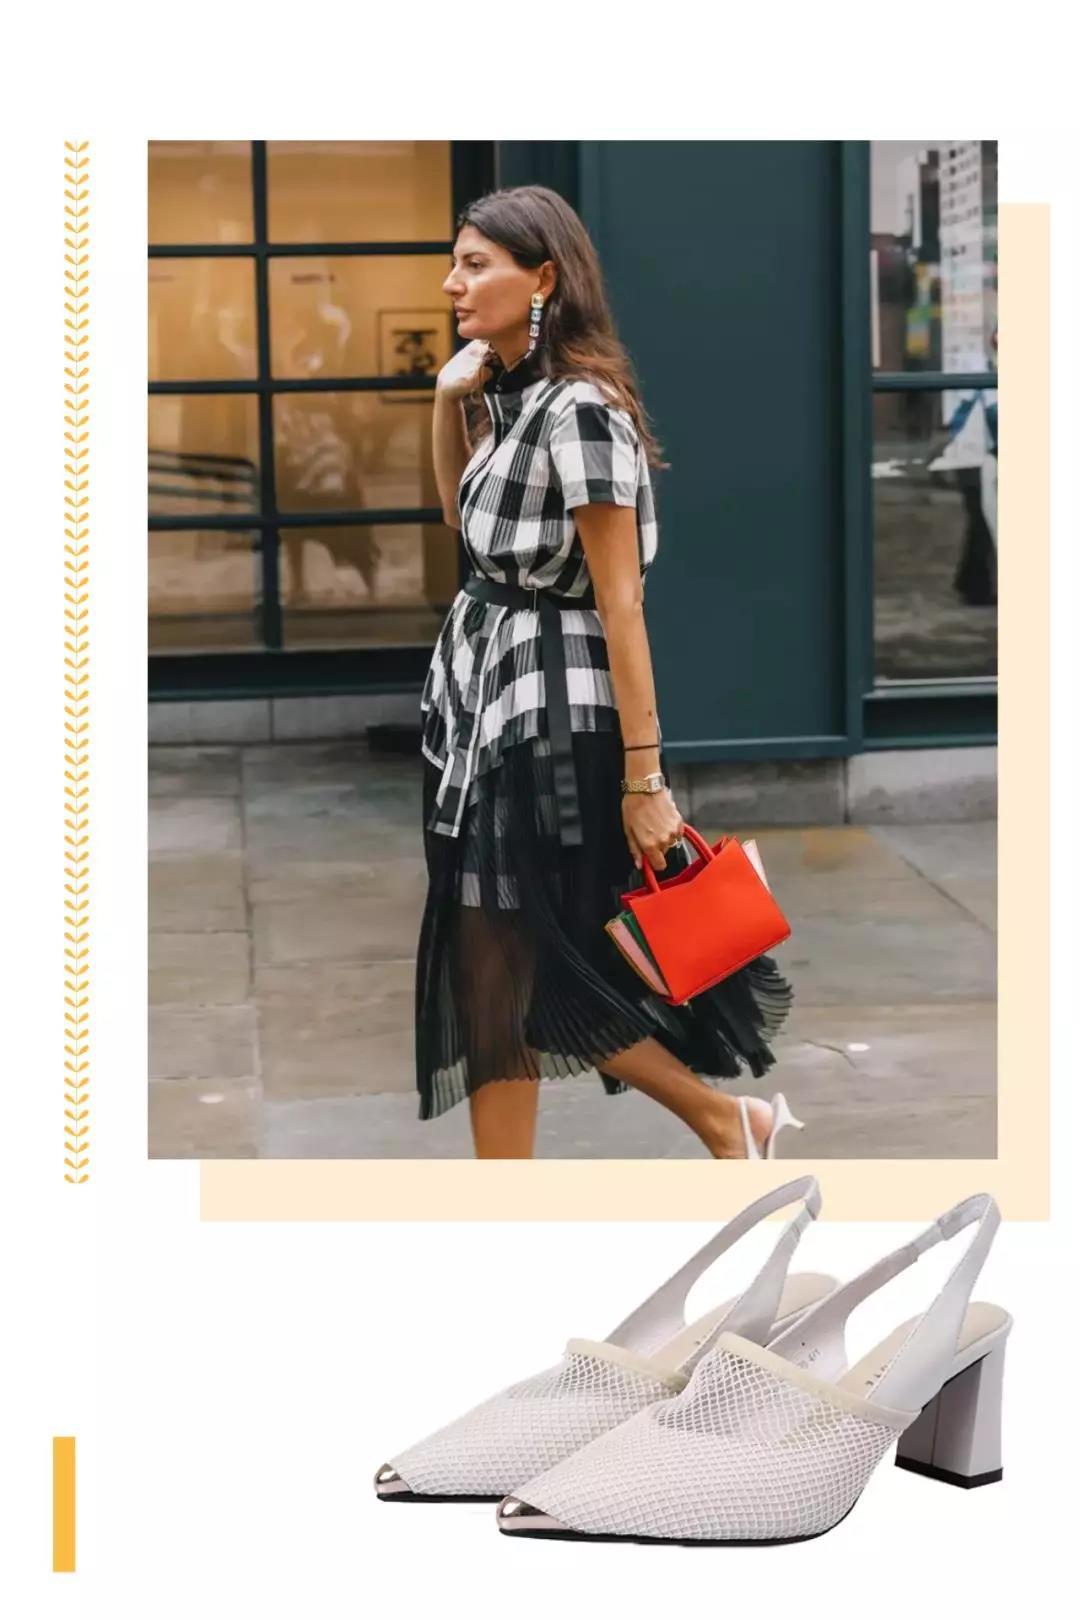 衬衫裙搭配羊皮网面SlingBack凉鞋